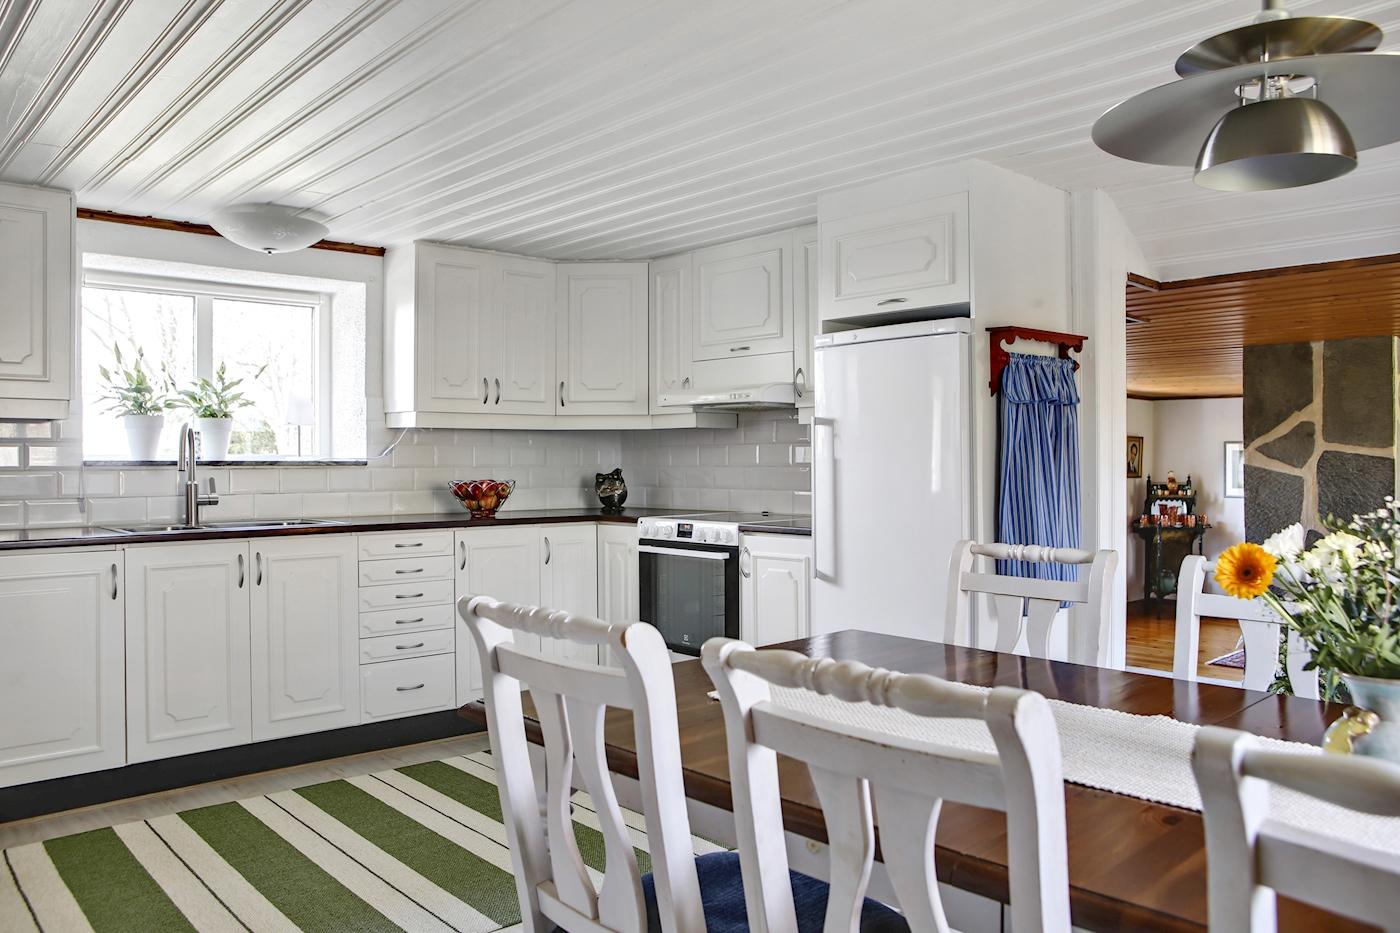 Snyggt renoverat kök i vitt